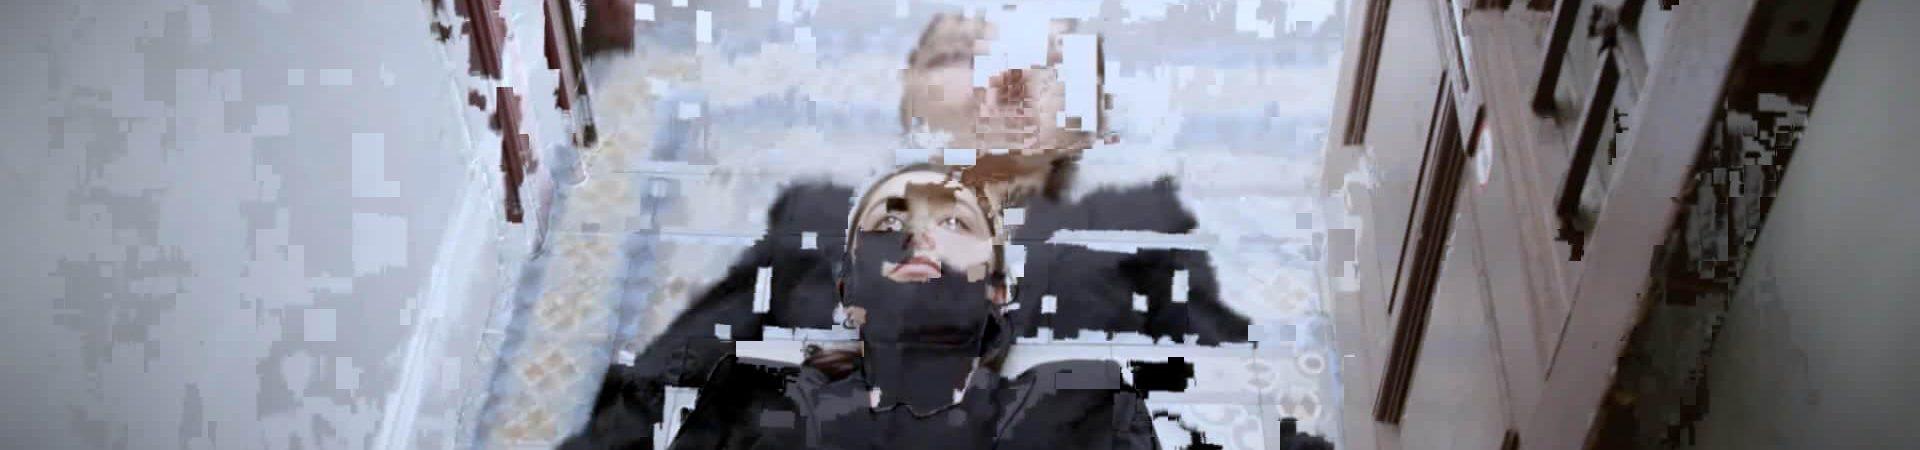 Do avatars dream of 3D people? - Court métrage 2016